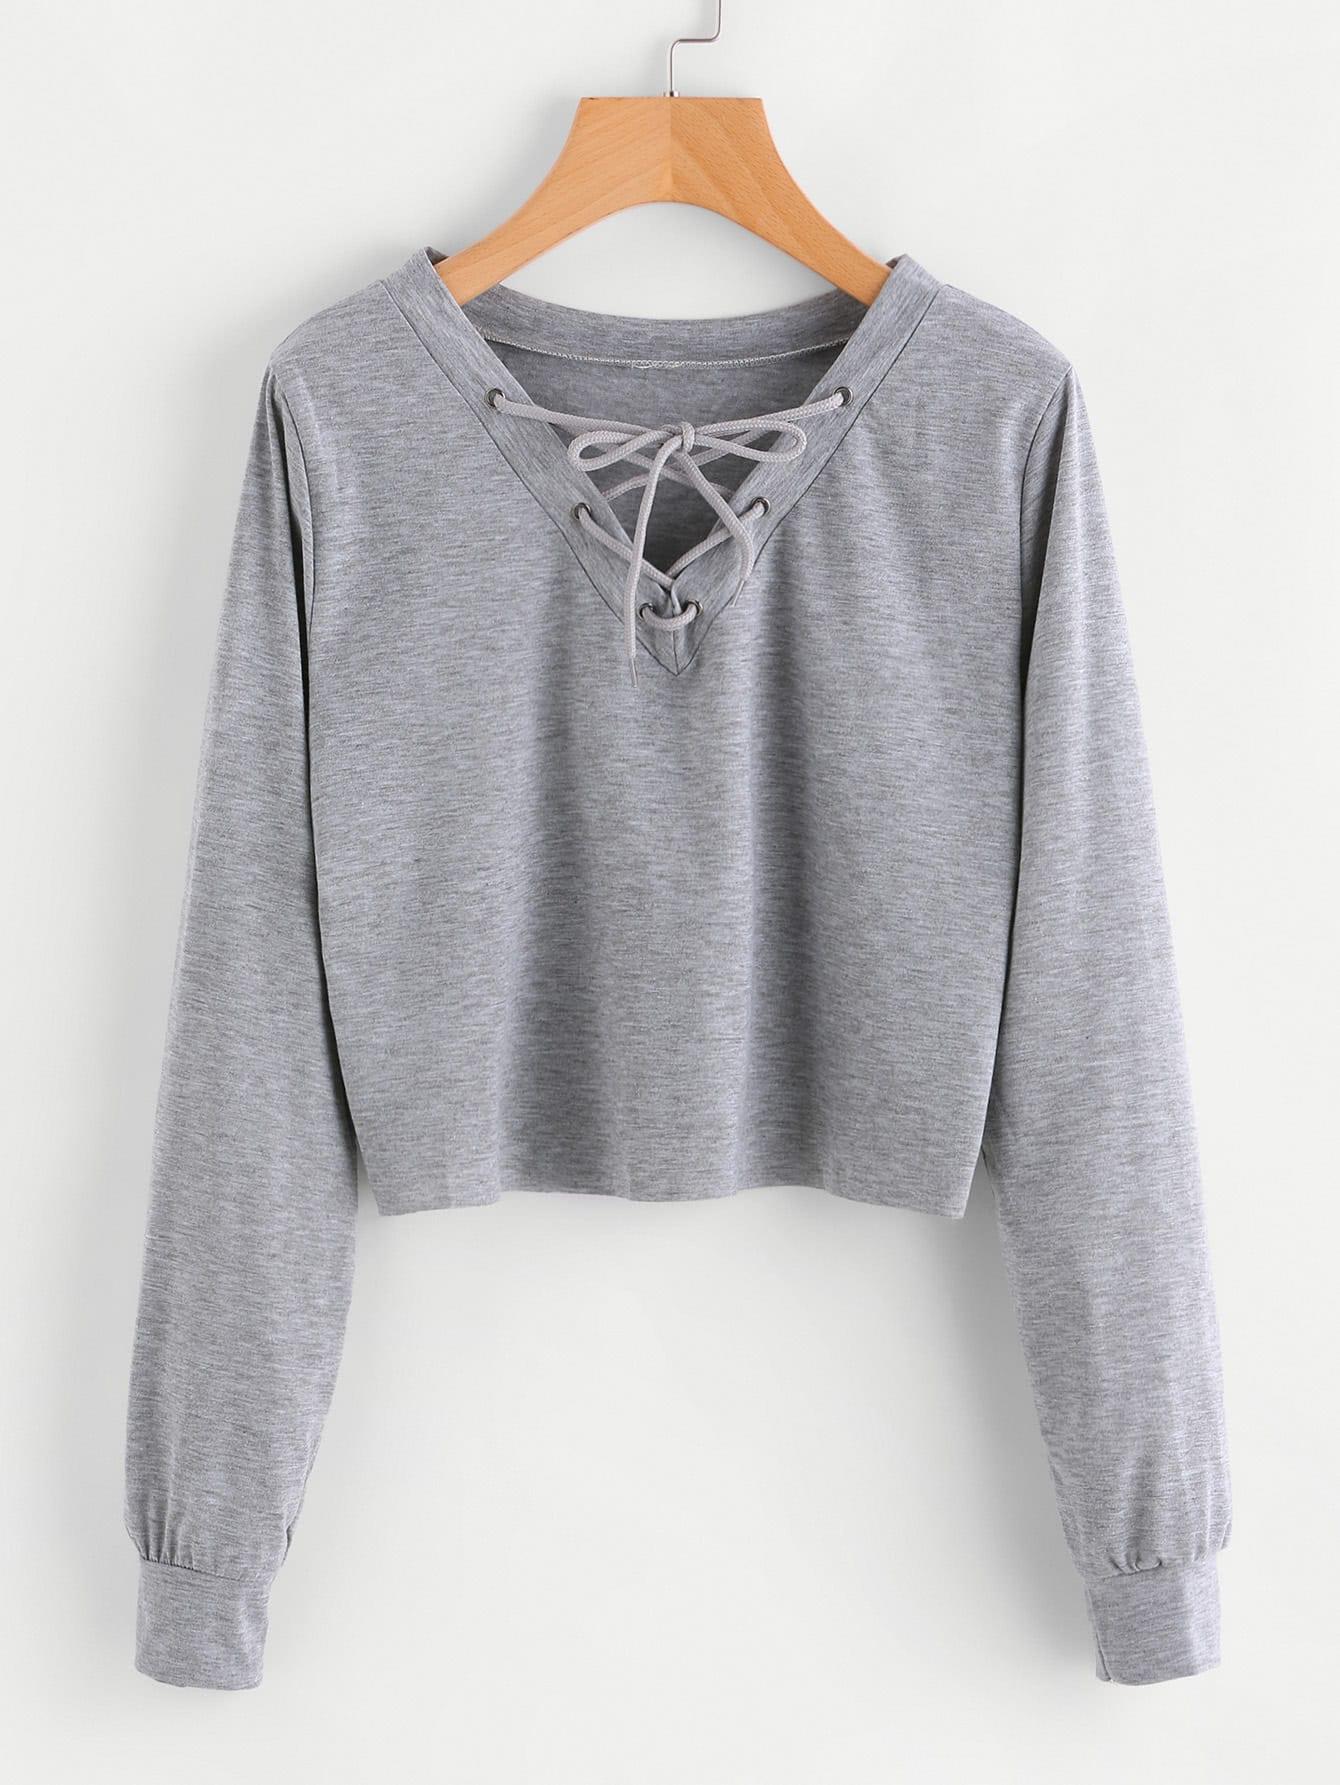 Eyelet Lace Up Sweatshirt